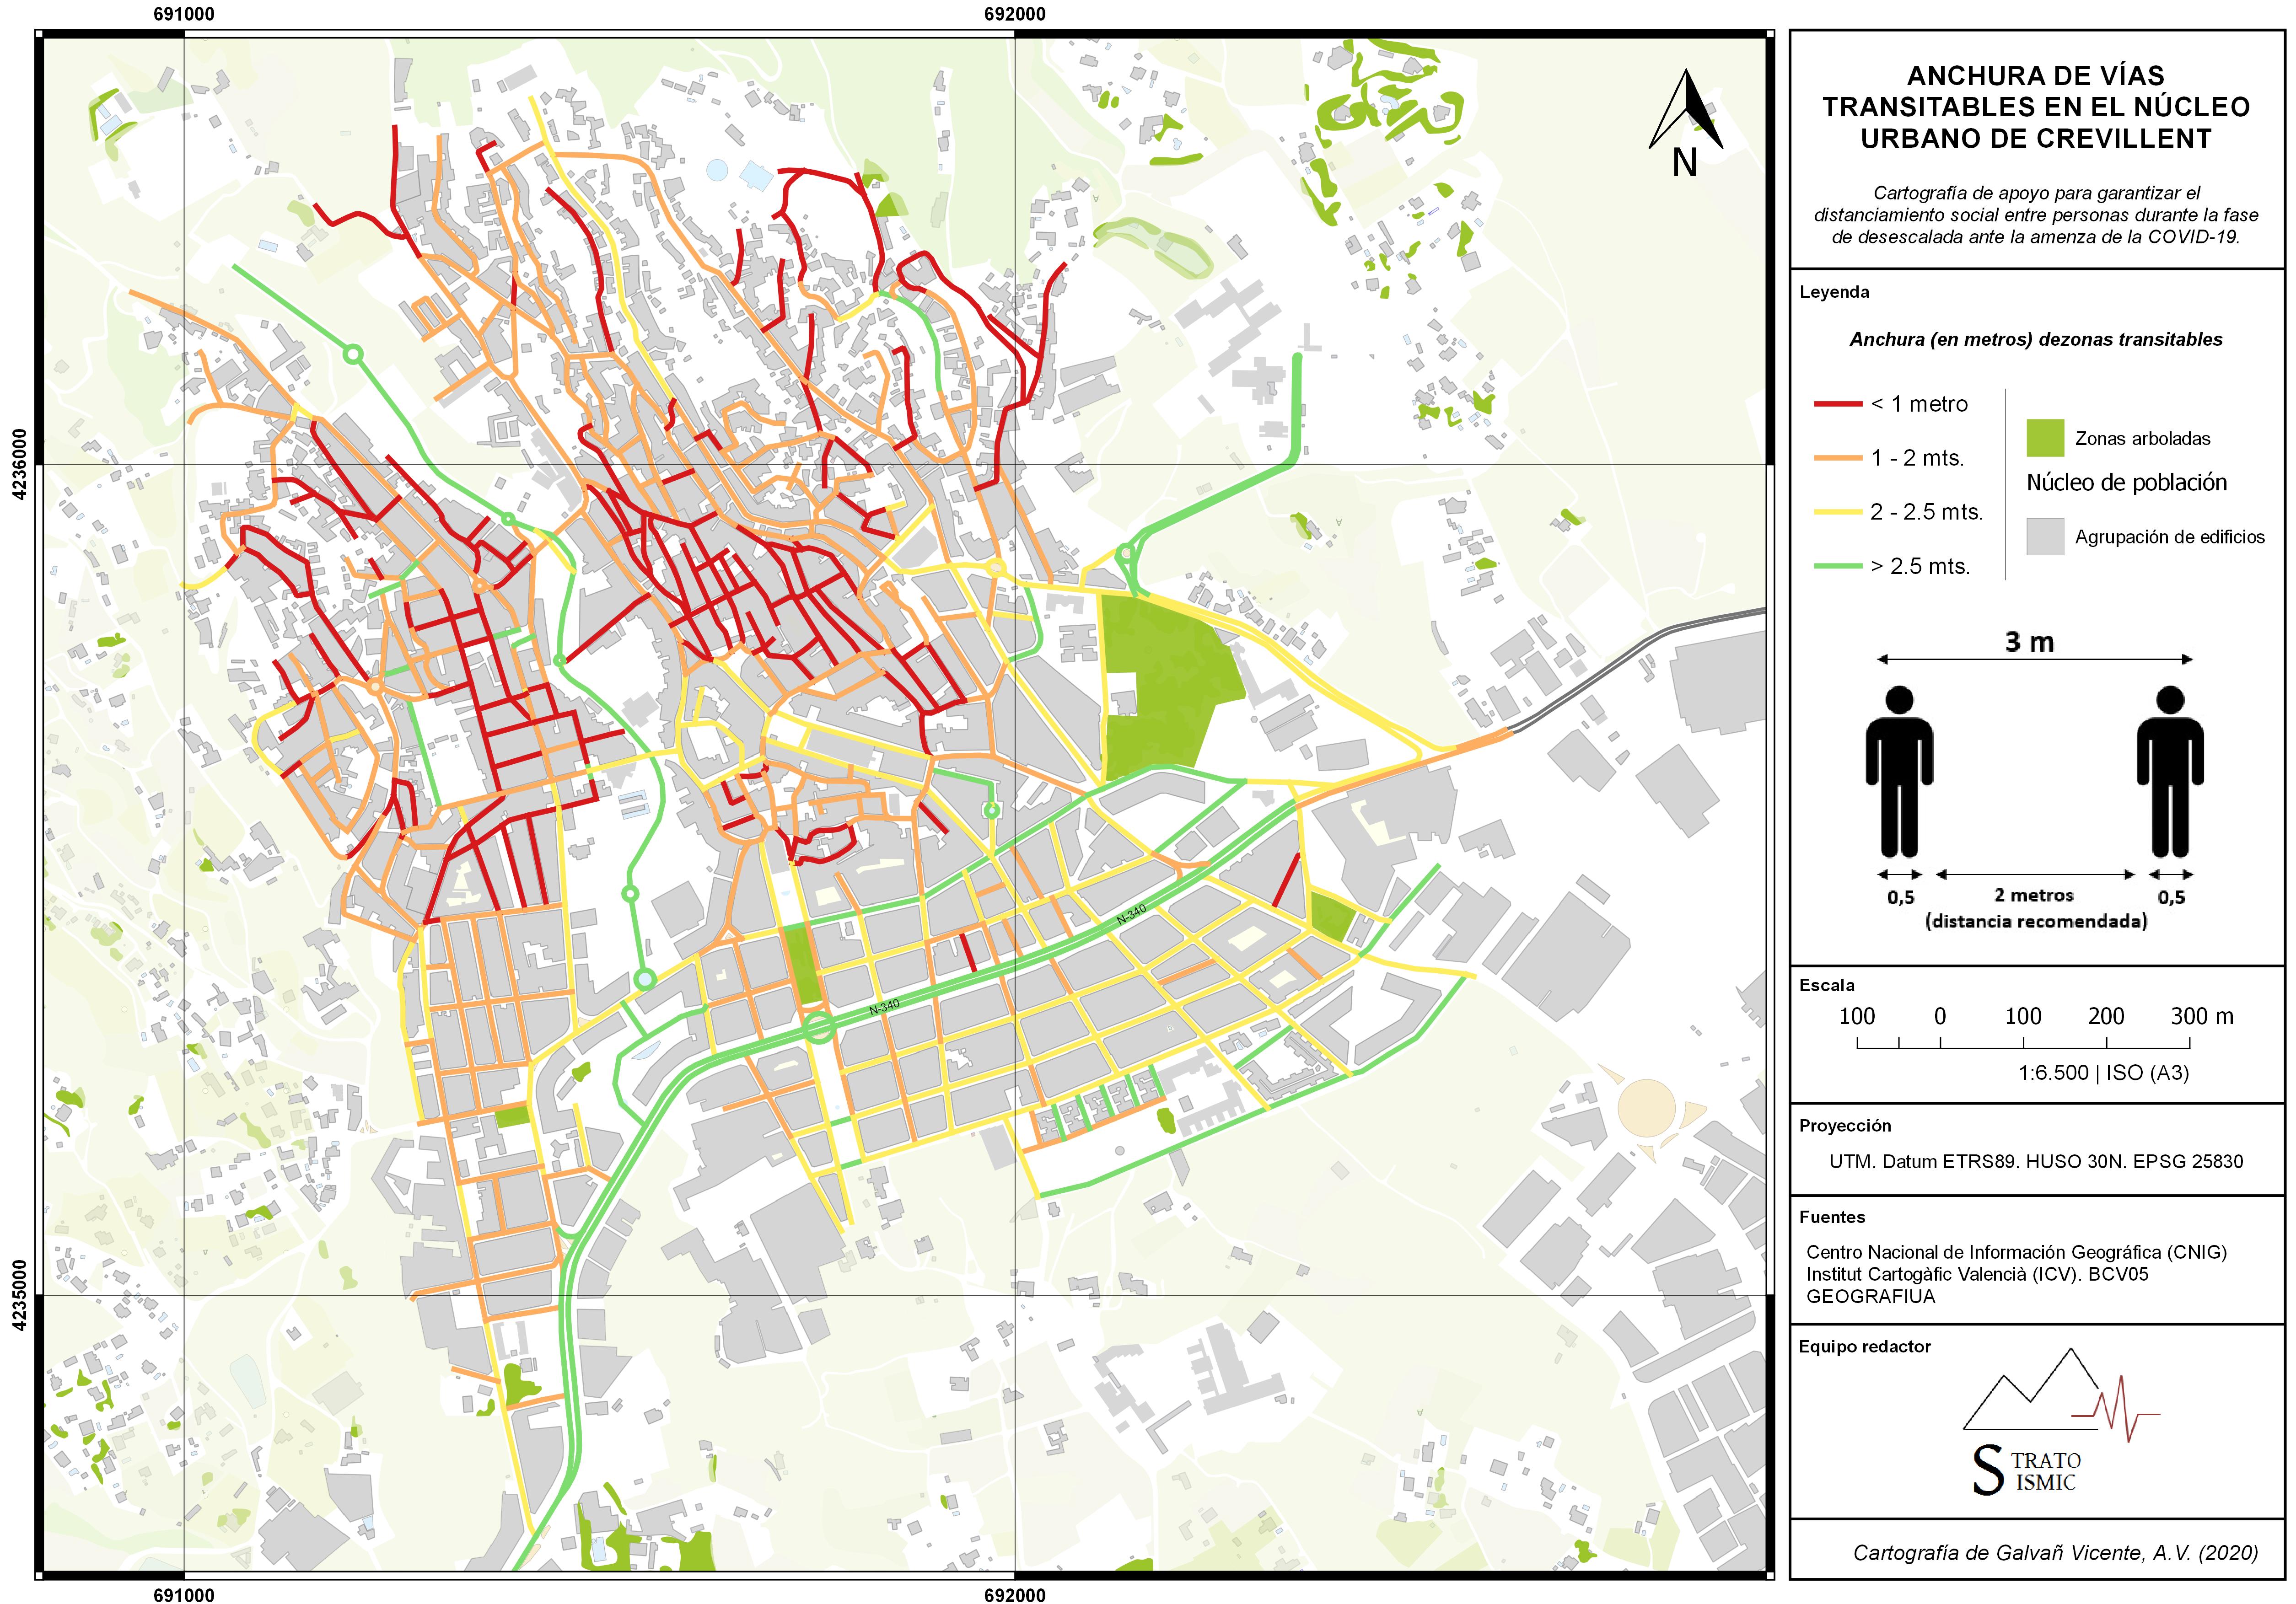 Cartografía de distanciamiento social de Crevillent (Alicante)